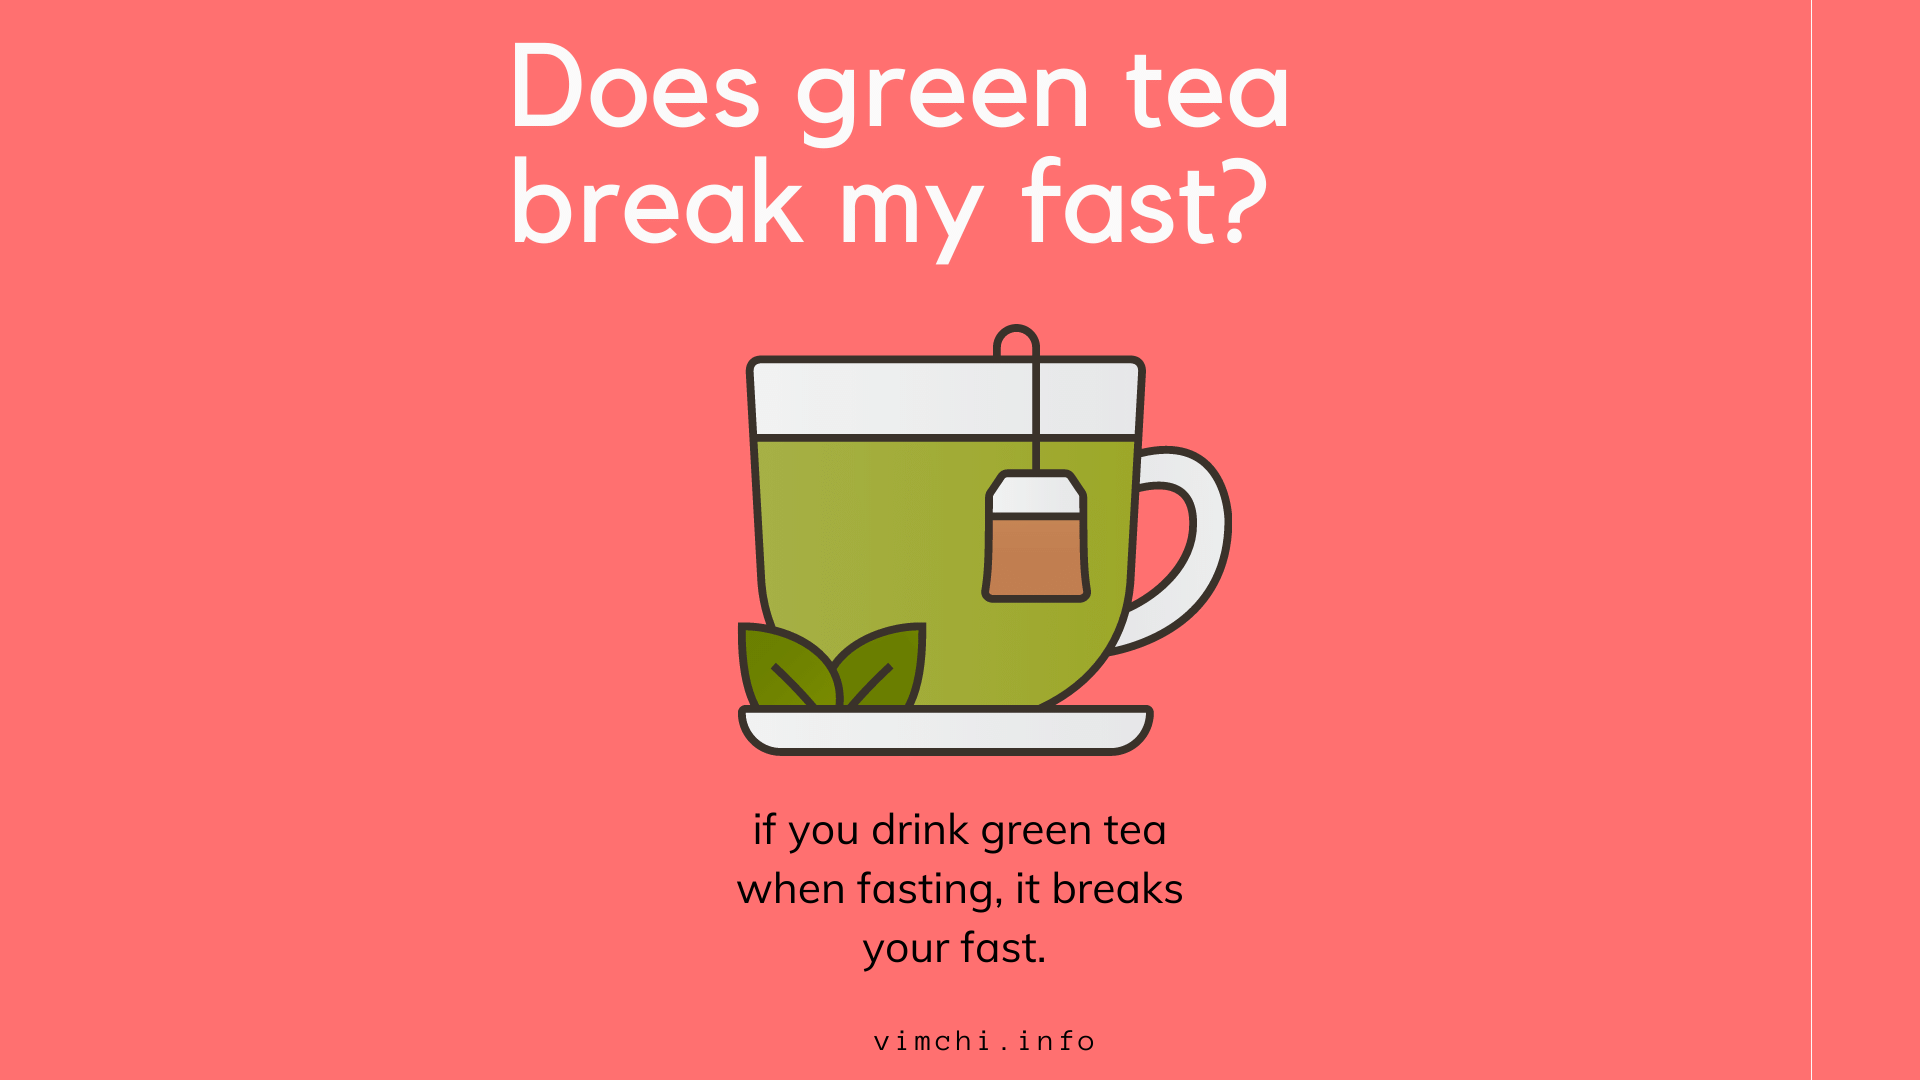 Does green tea break my fast